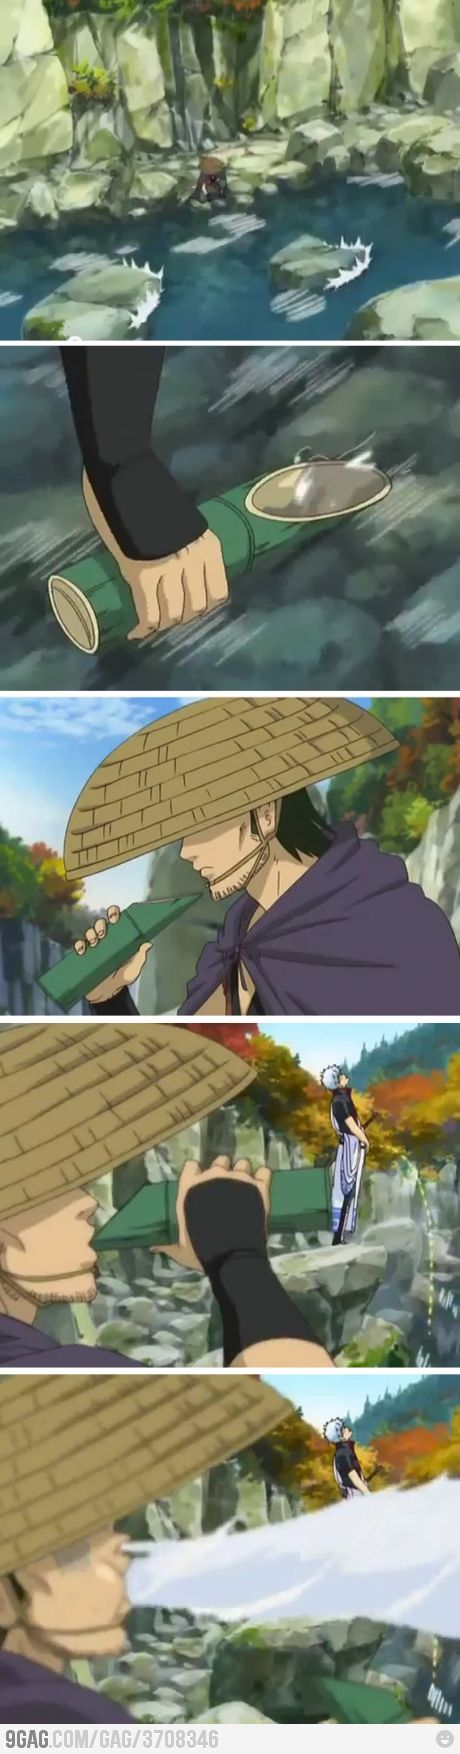 Gintama en puissance